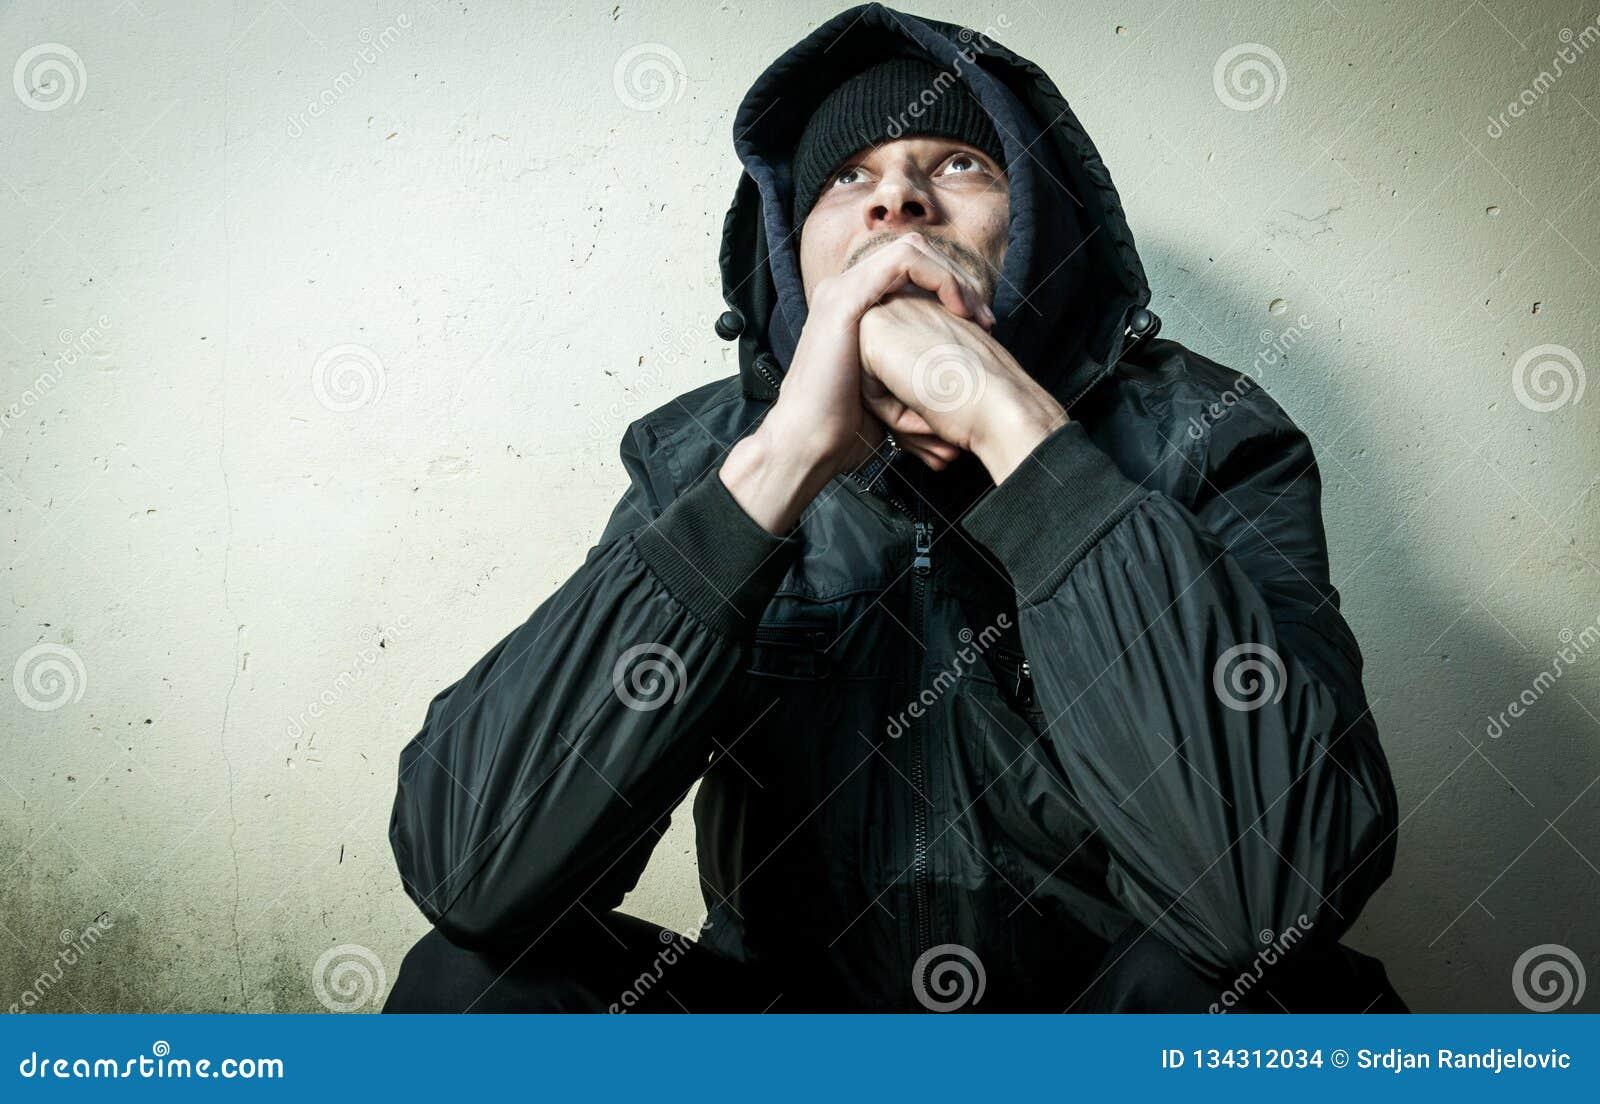 无家可归的人药物和酒精上瘾者单独坐和沮丧在感觉急切冷的冬季衣服的街道和孤独,